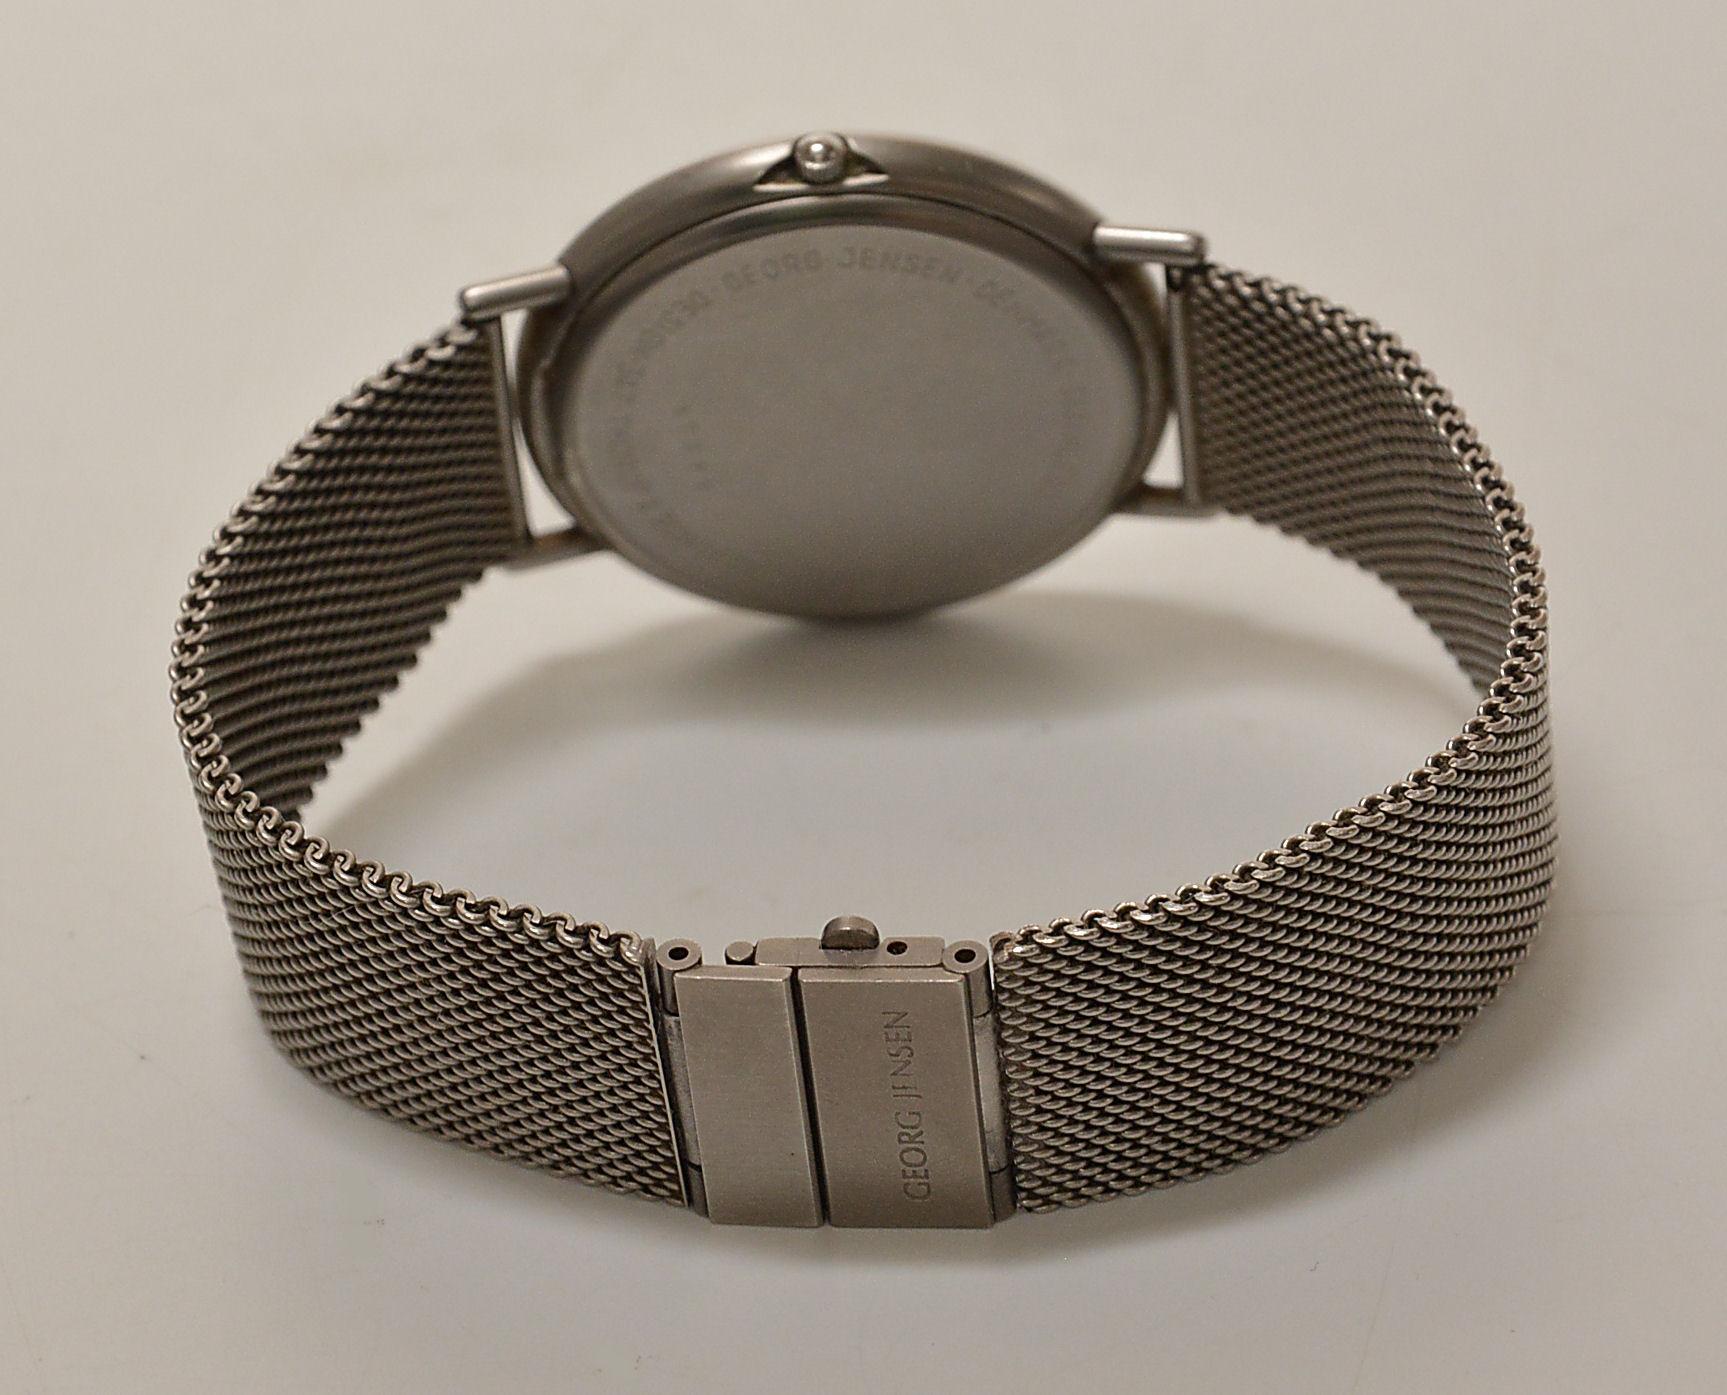 Torsten Thorup & Claus Bonderup for Georg Jensen. Gentleman's wristwatch of steel